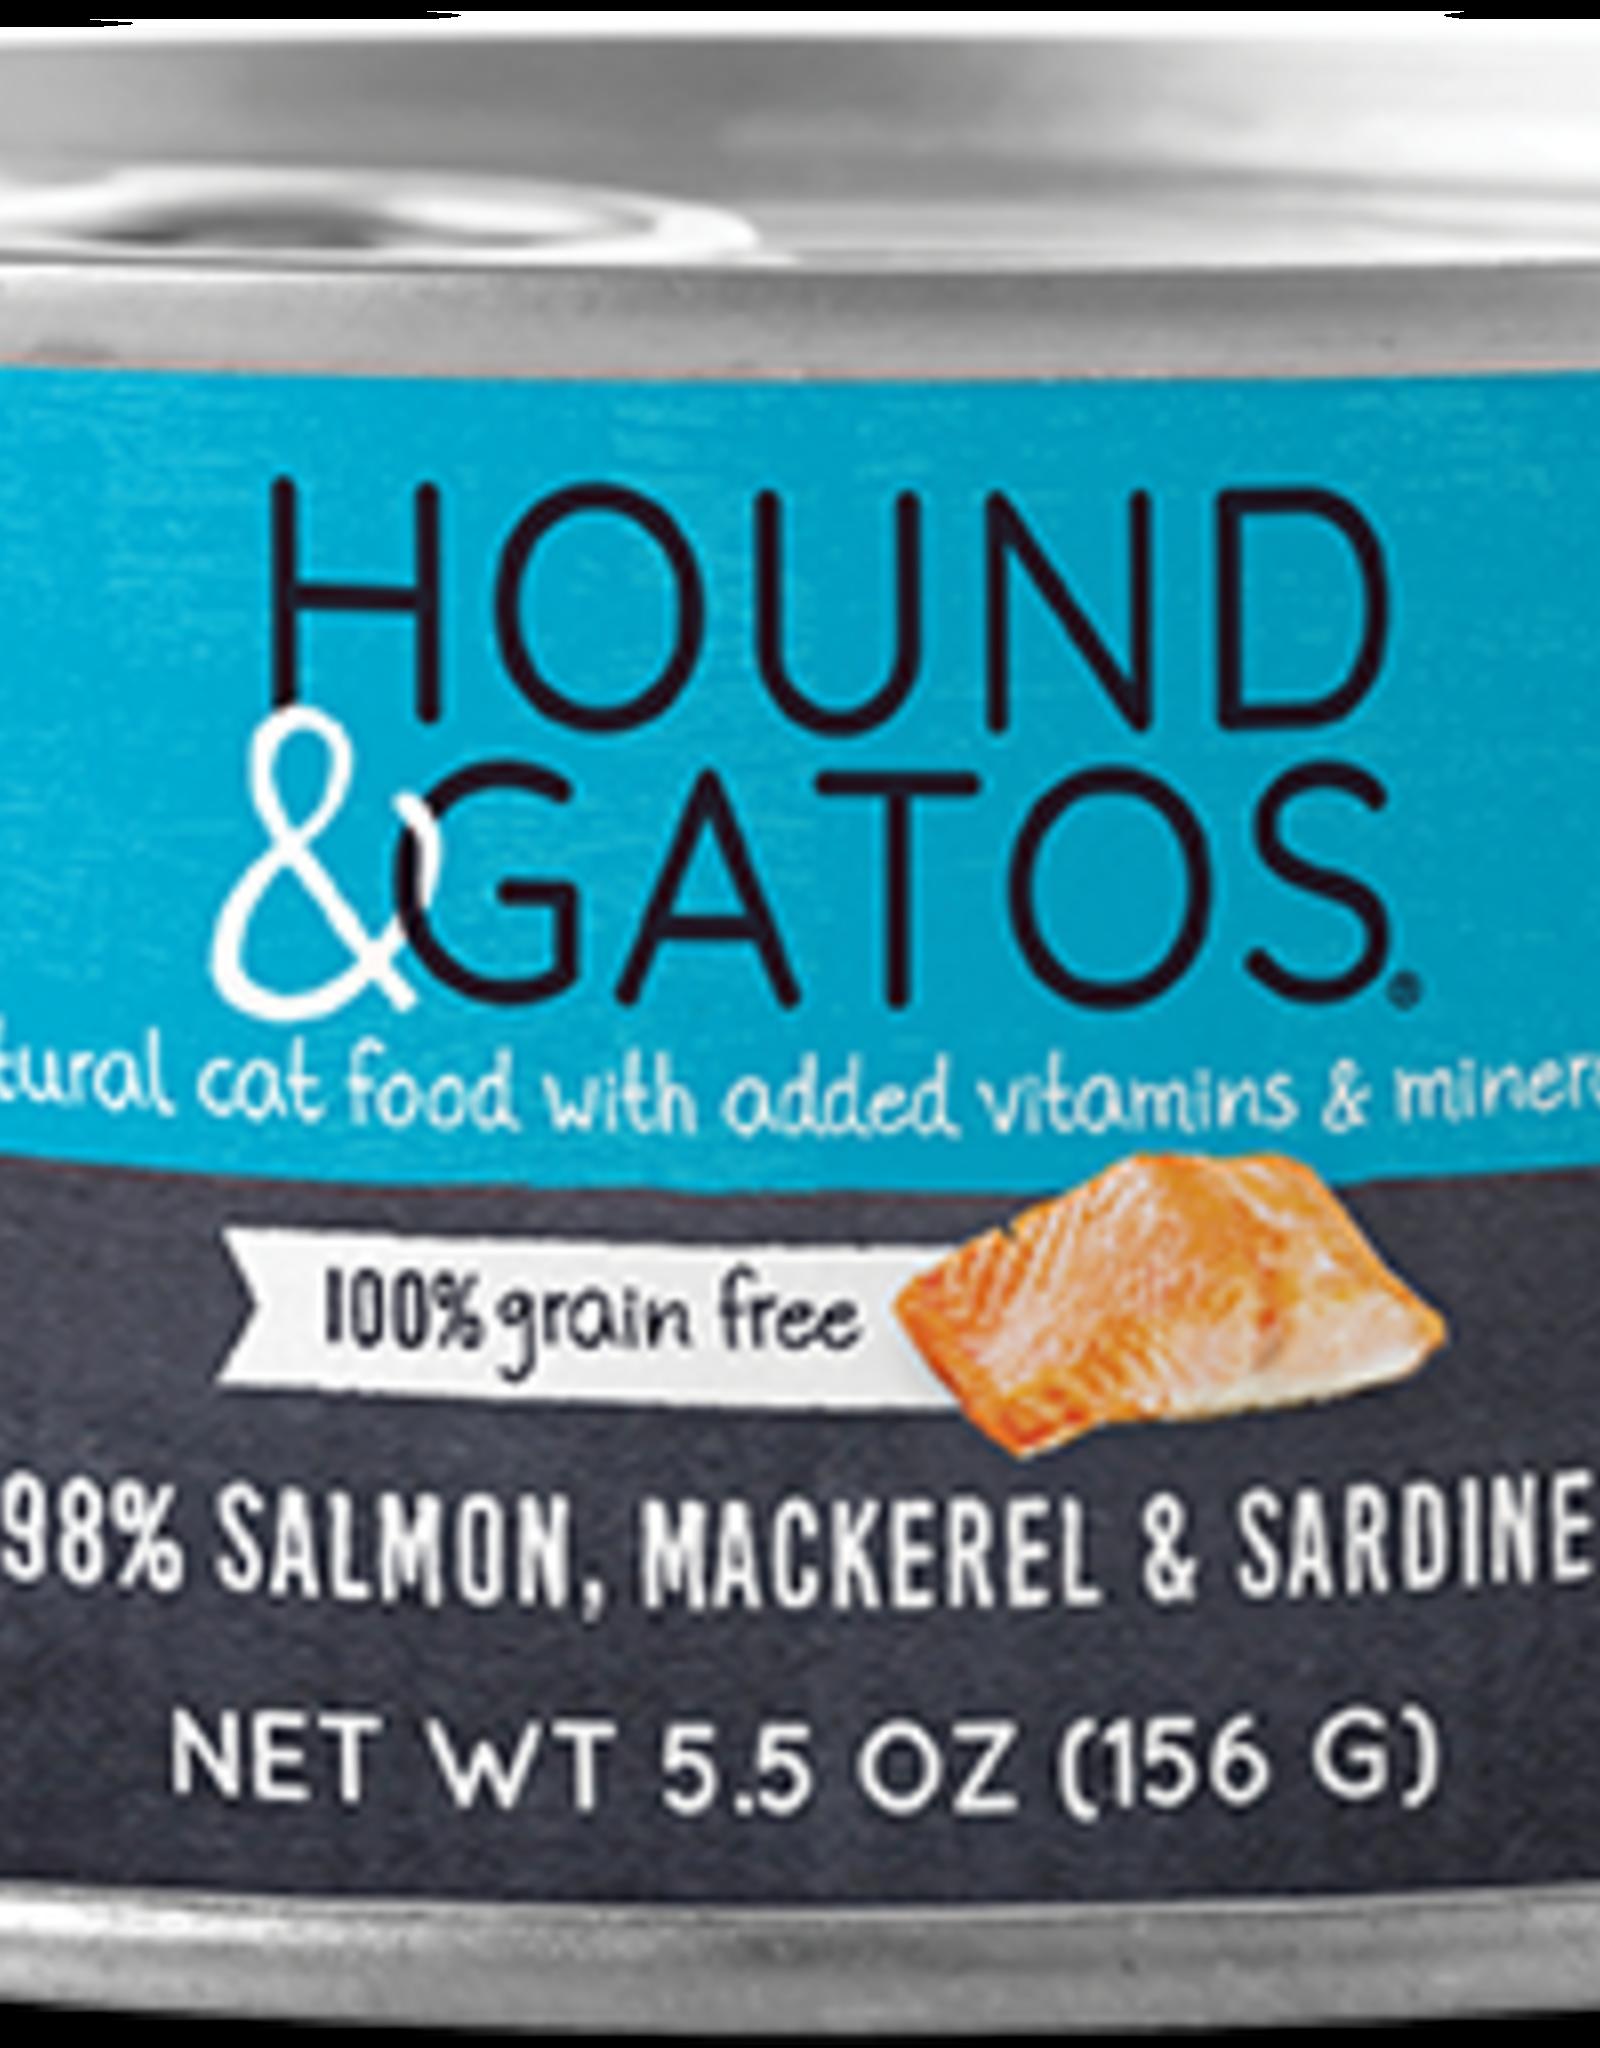 Hound & Gatos Hound & Gatos 98% Salmon, Mackerel & Sardine Recipe Cat